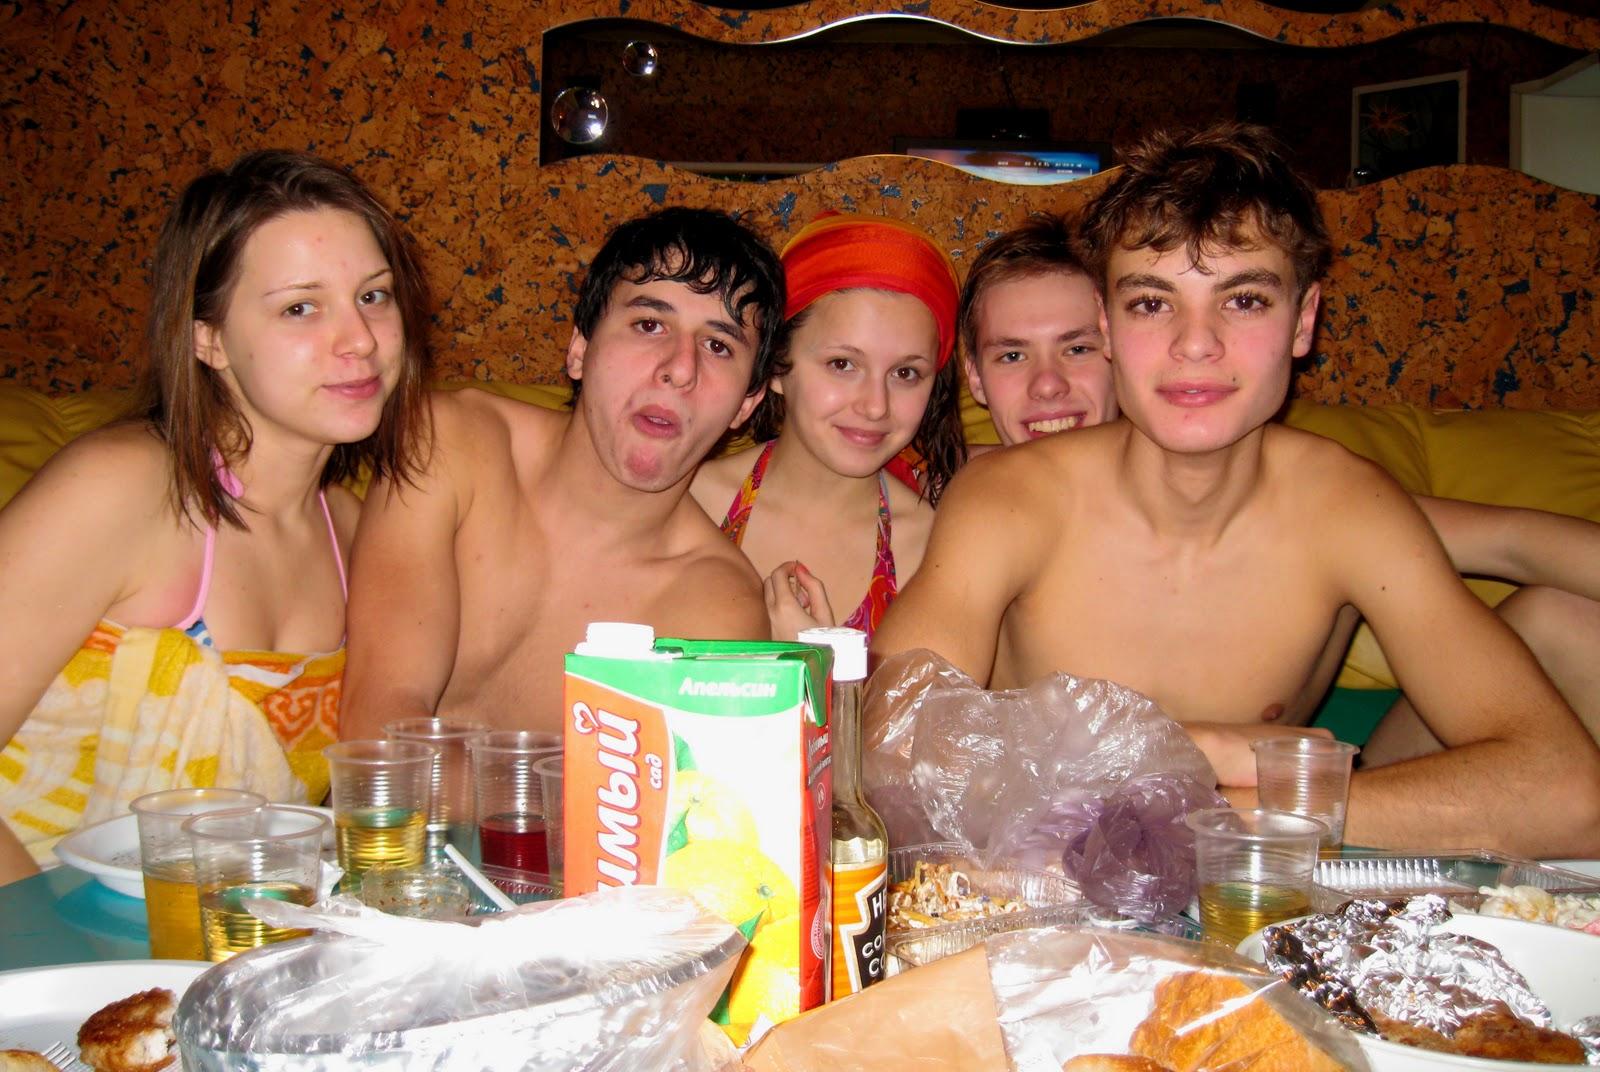 Русские студенты ебутся в бане, Студенты в сауне -видео. Смотреть Студенты 2 фотография